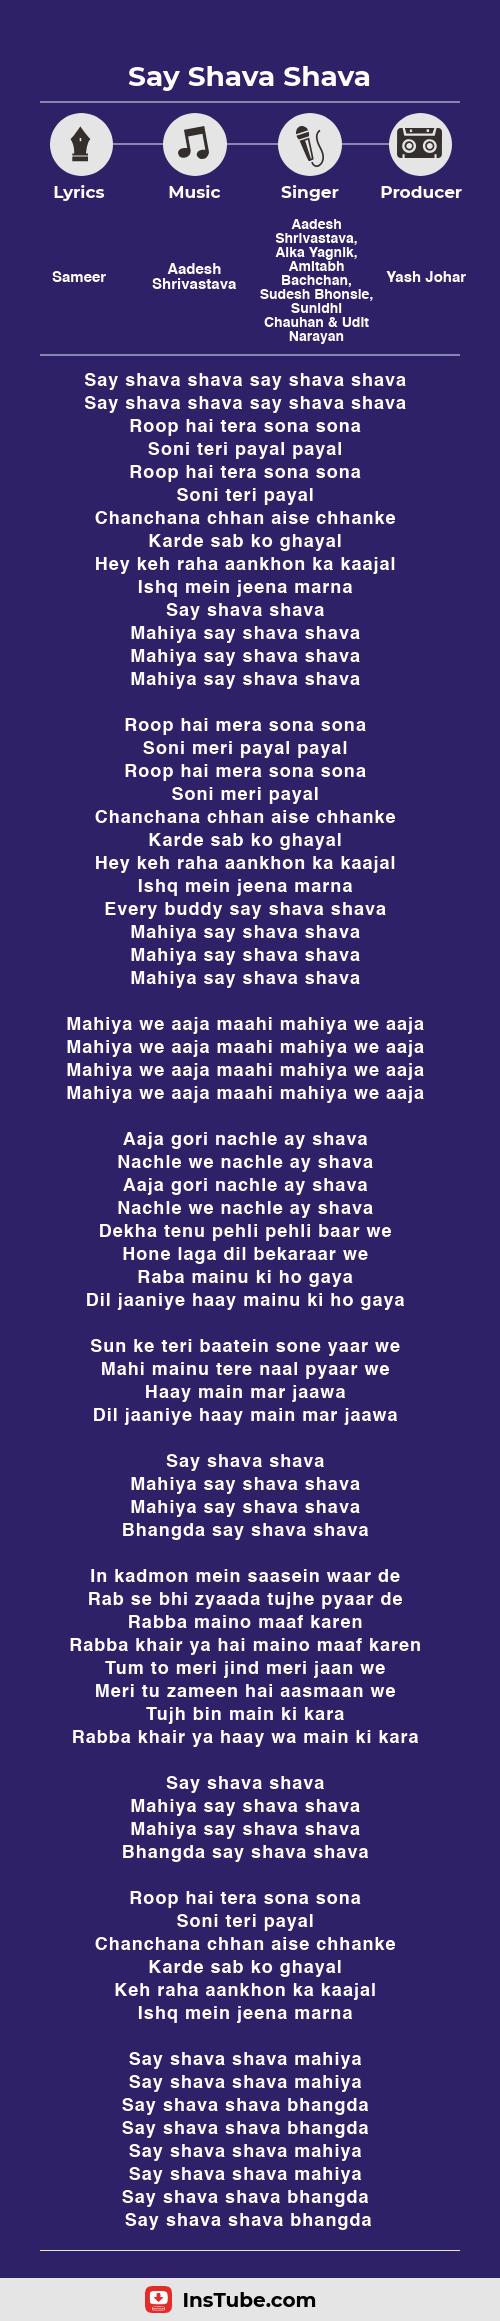 InsTube Kabhi Khushi Kabhi Gham… Say Shava Shava lyrics